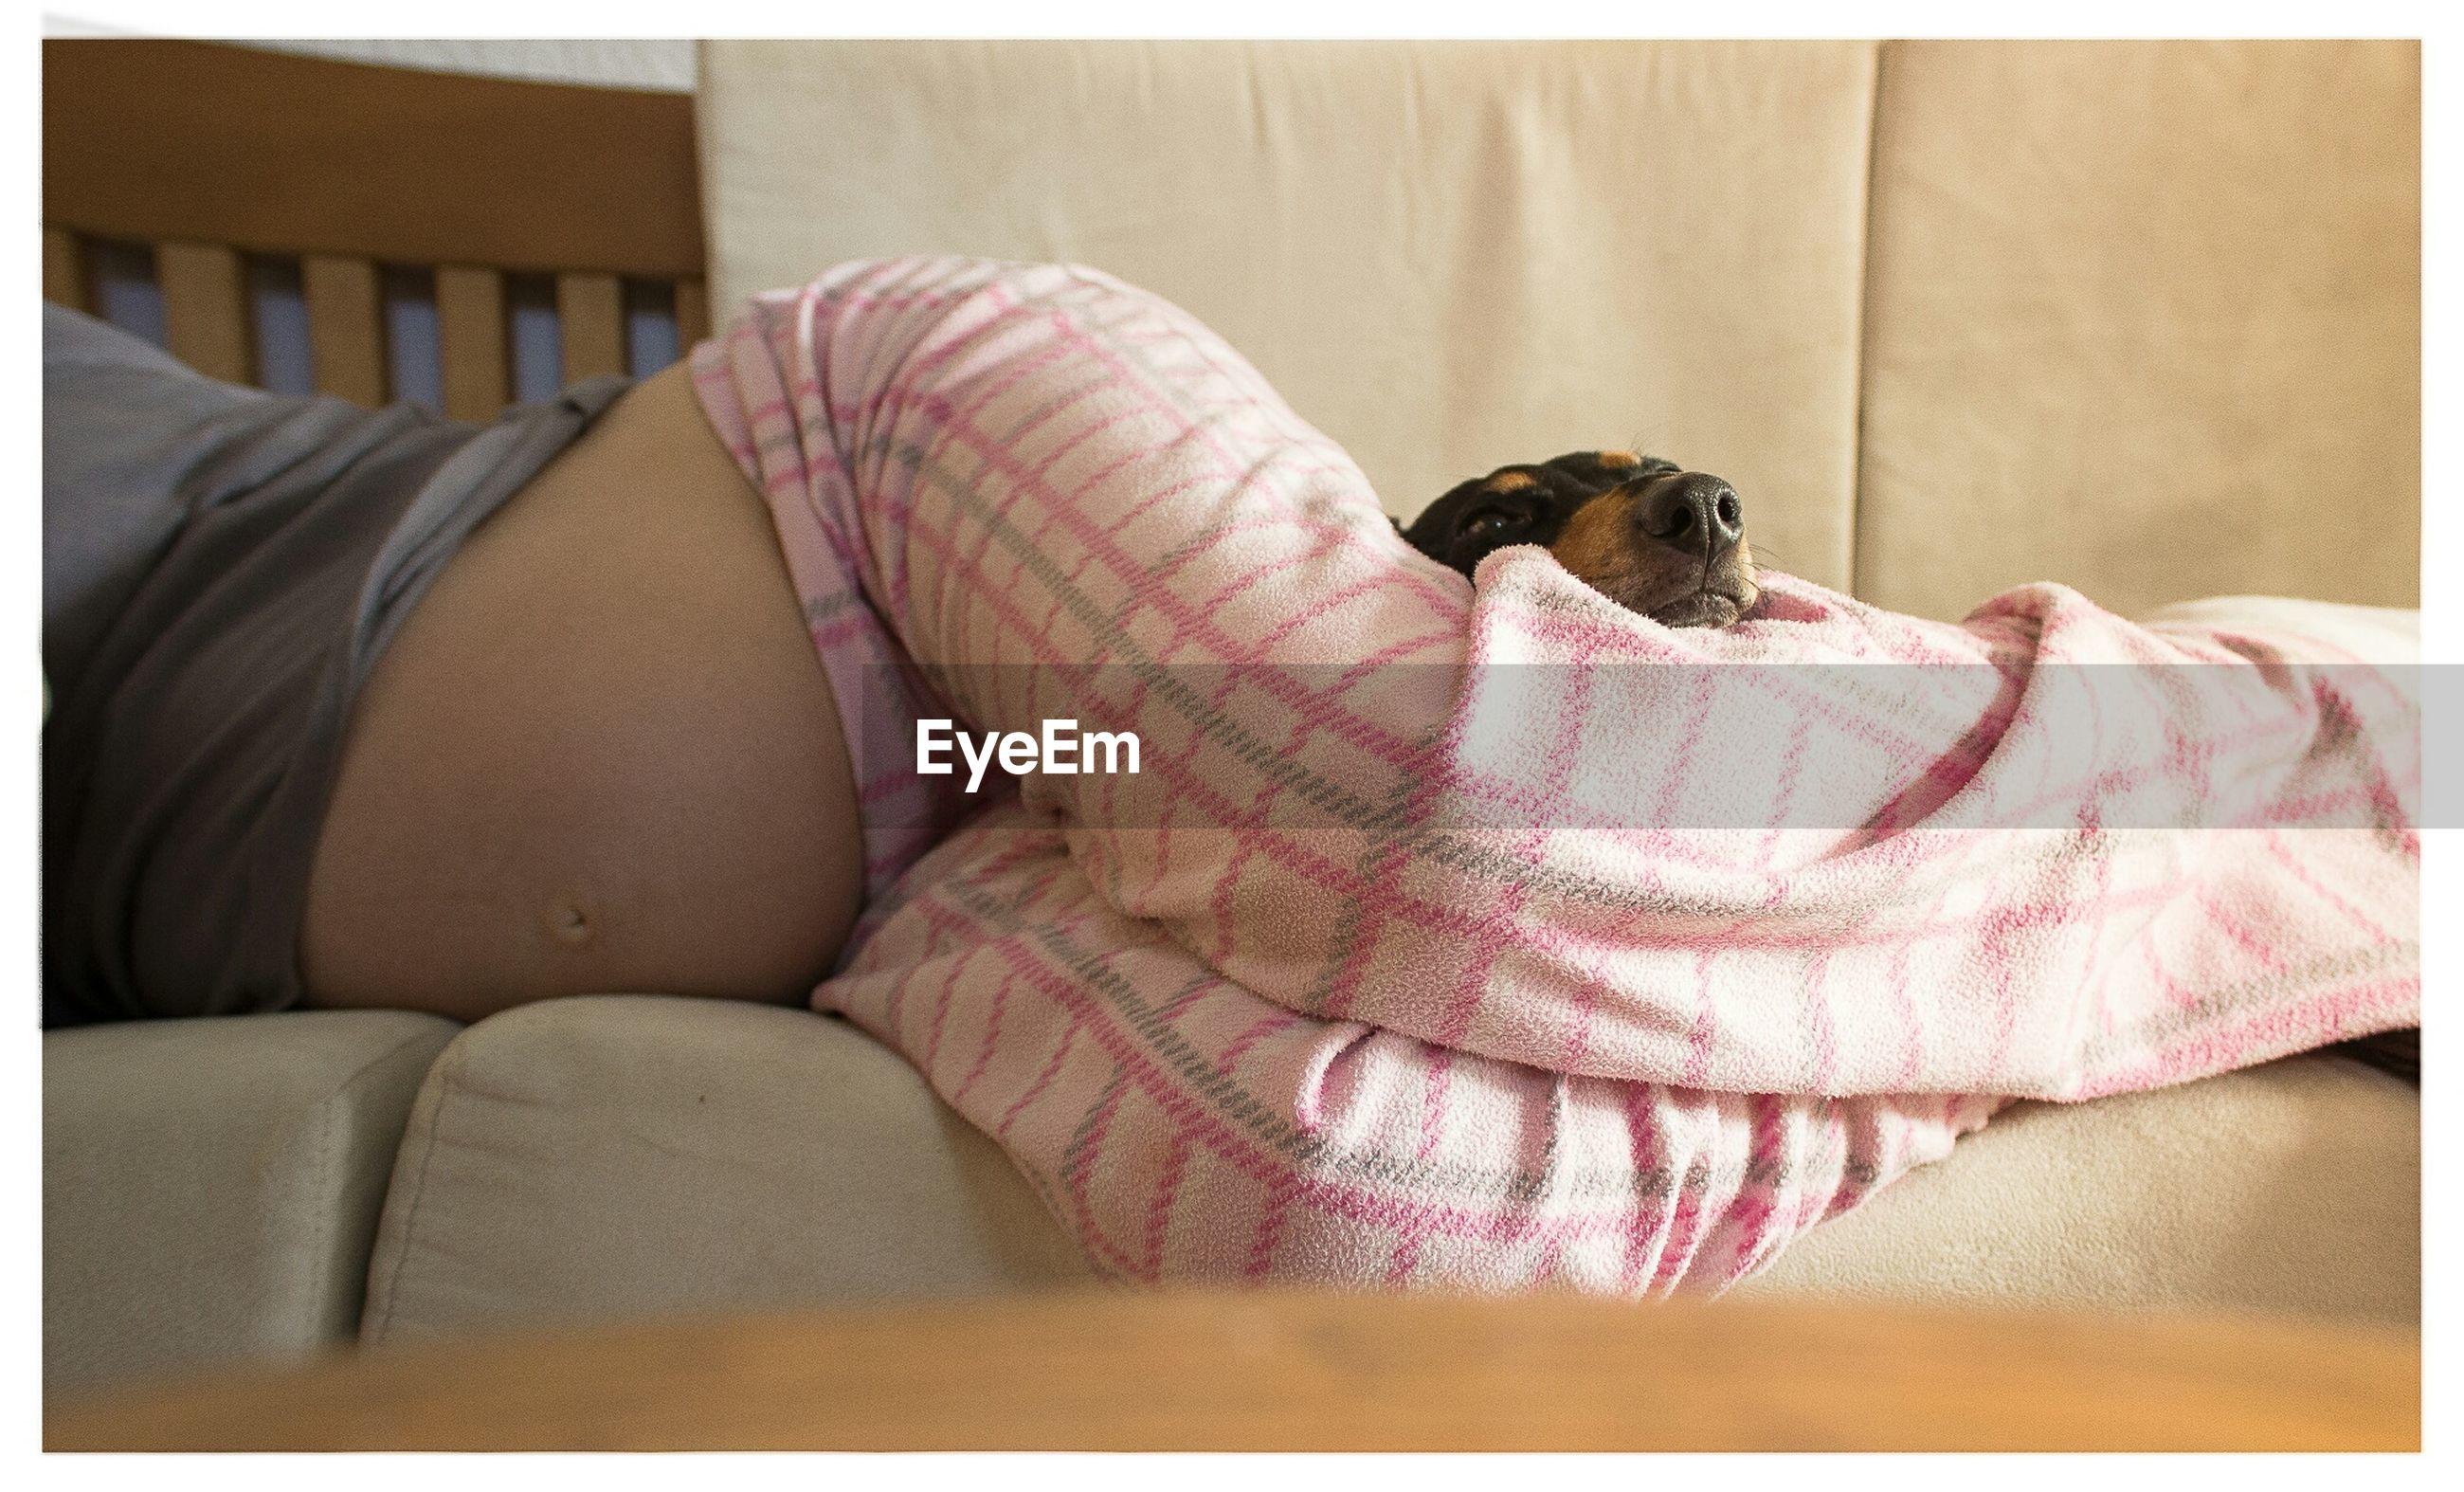 Dog and pregnant woman sleeping on sofa